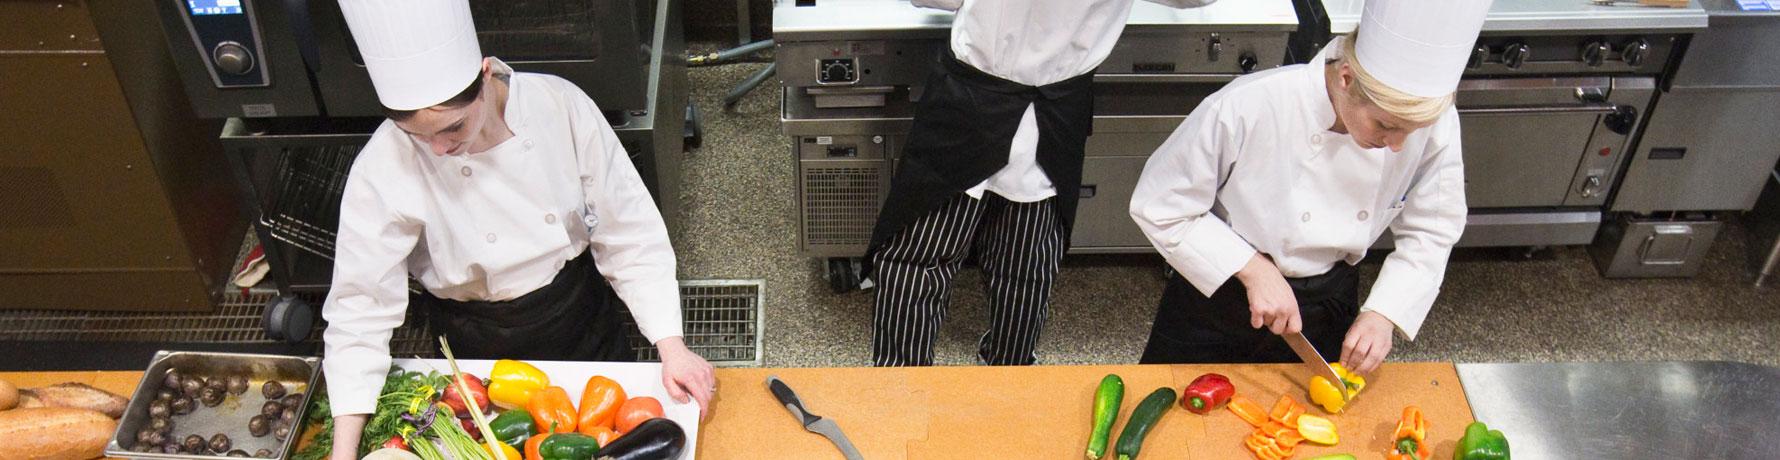 Lavorare come cuoco e pasticciere in Australia